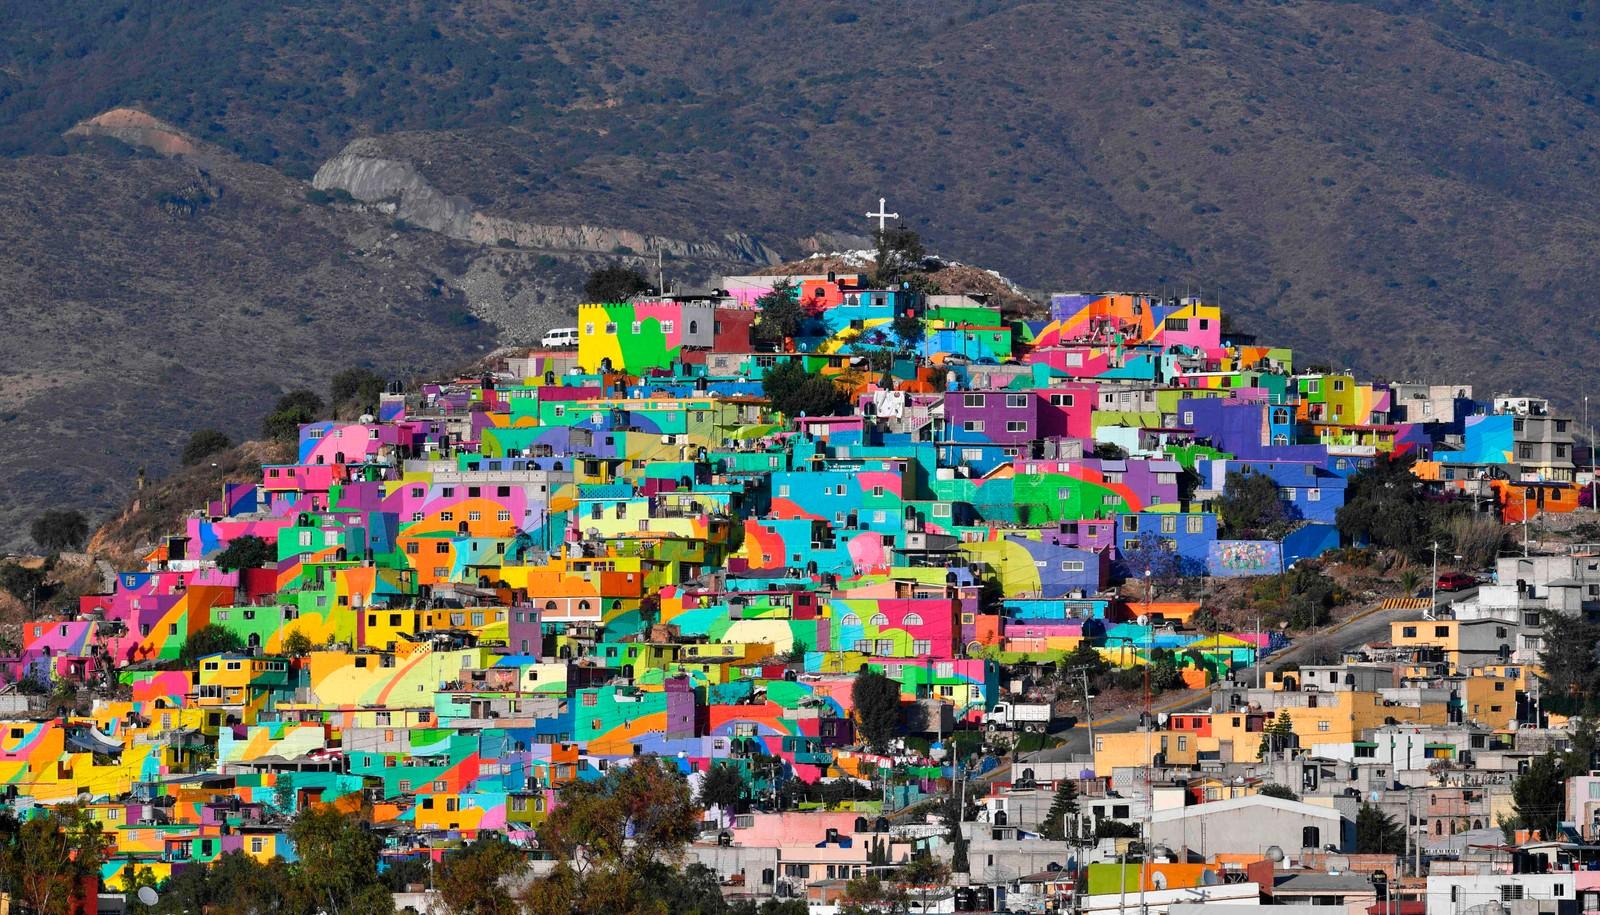 Et helt nabolag i et av de fattigste områdene i den meksikanske byen Pachua er malt i vakre farger.